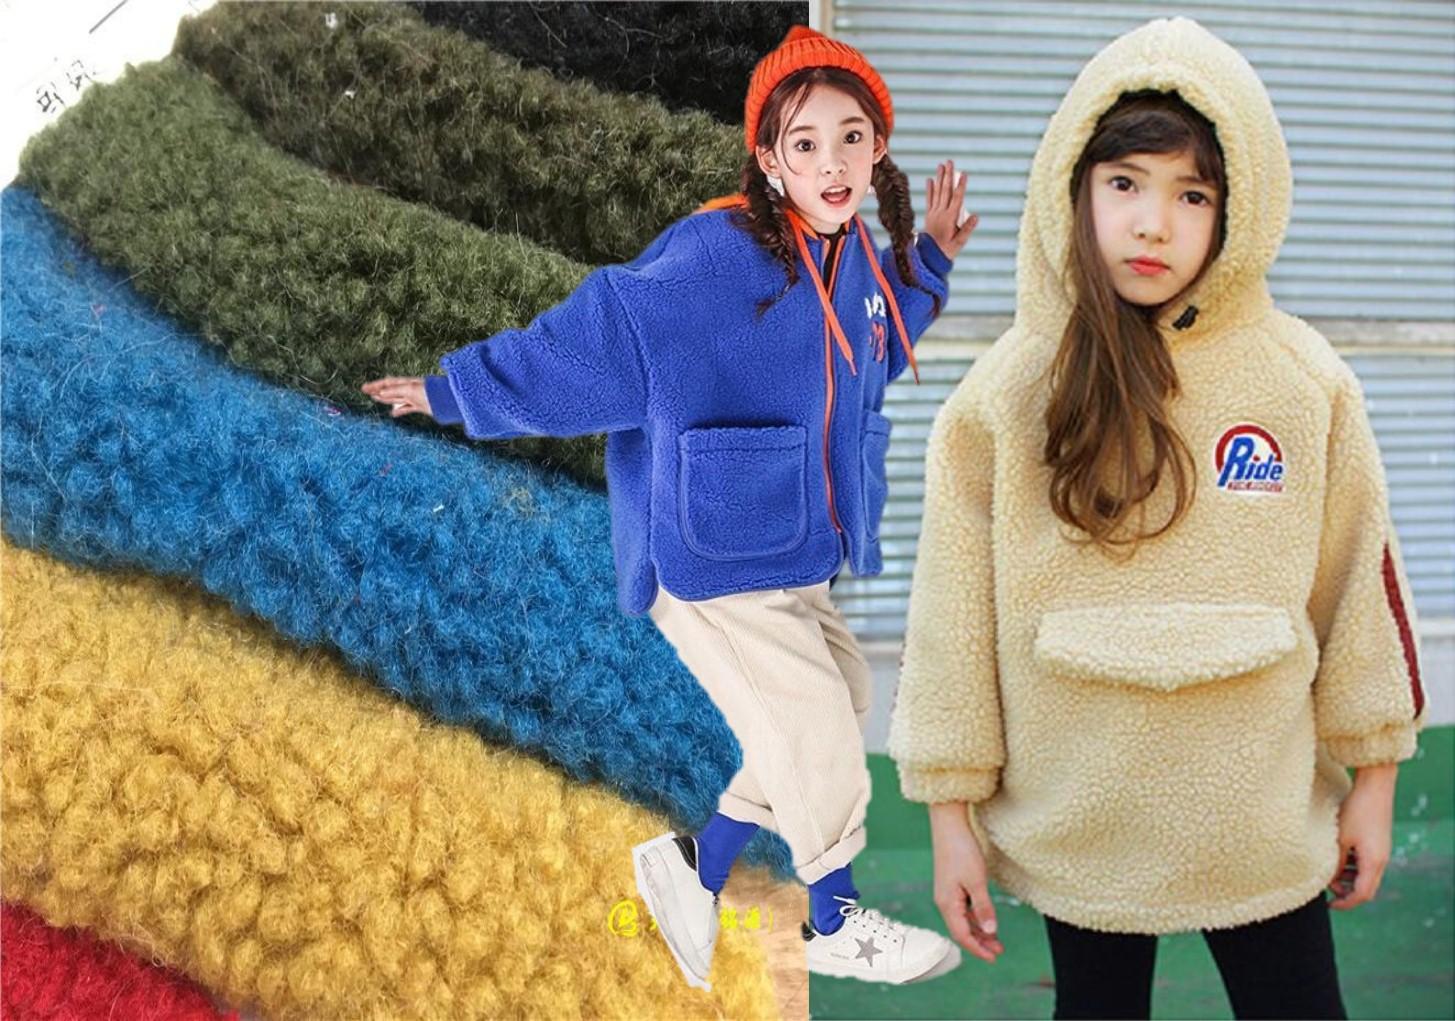 综述 近两年毛绒材质在时尚圈的火红程度可是相当不一般,兼具了时尚、保暖舒适性,实用性强,被广泛运用于童装外套!